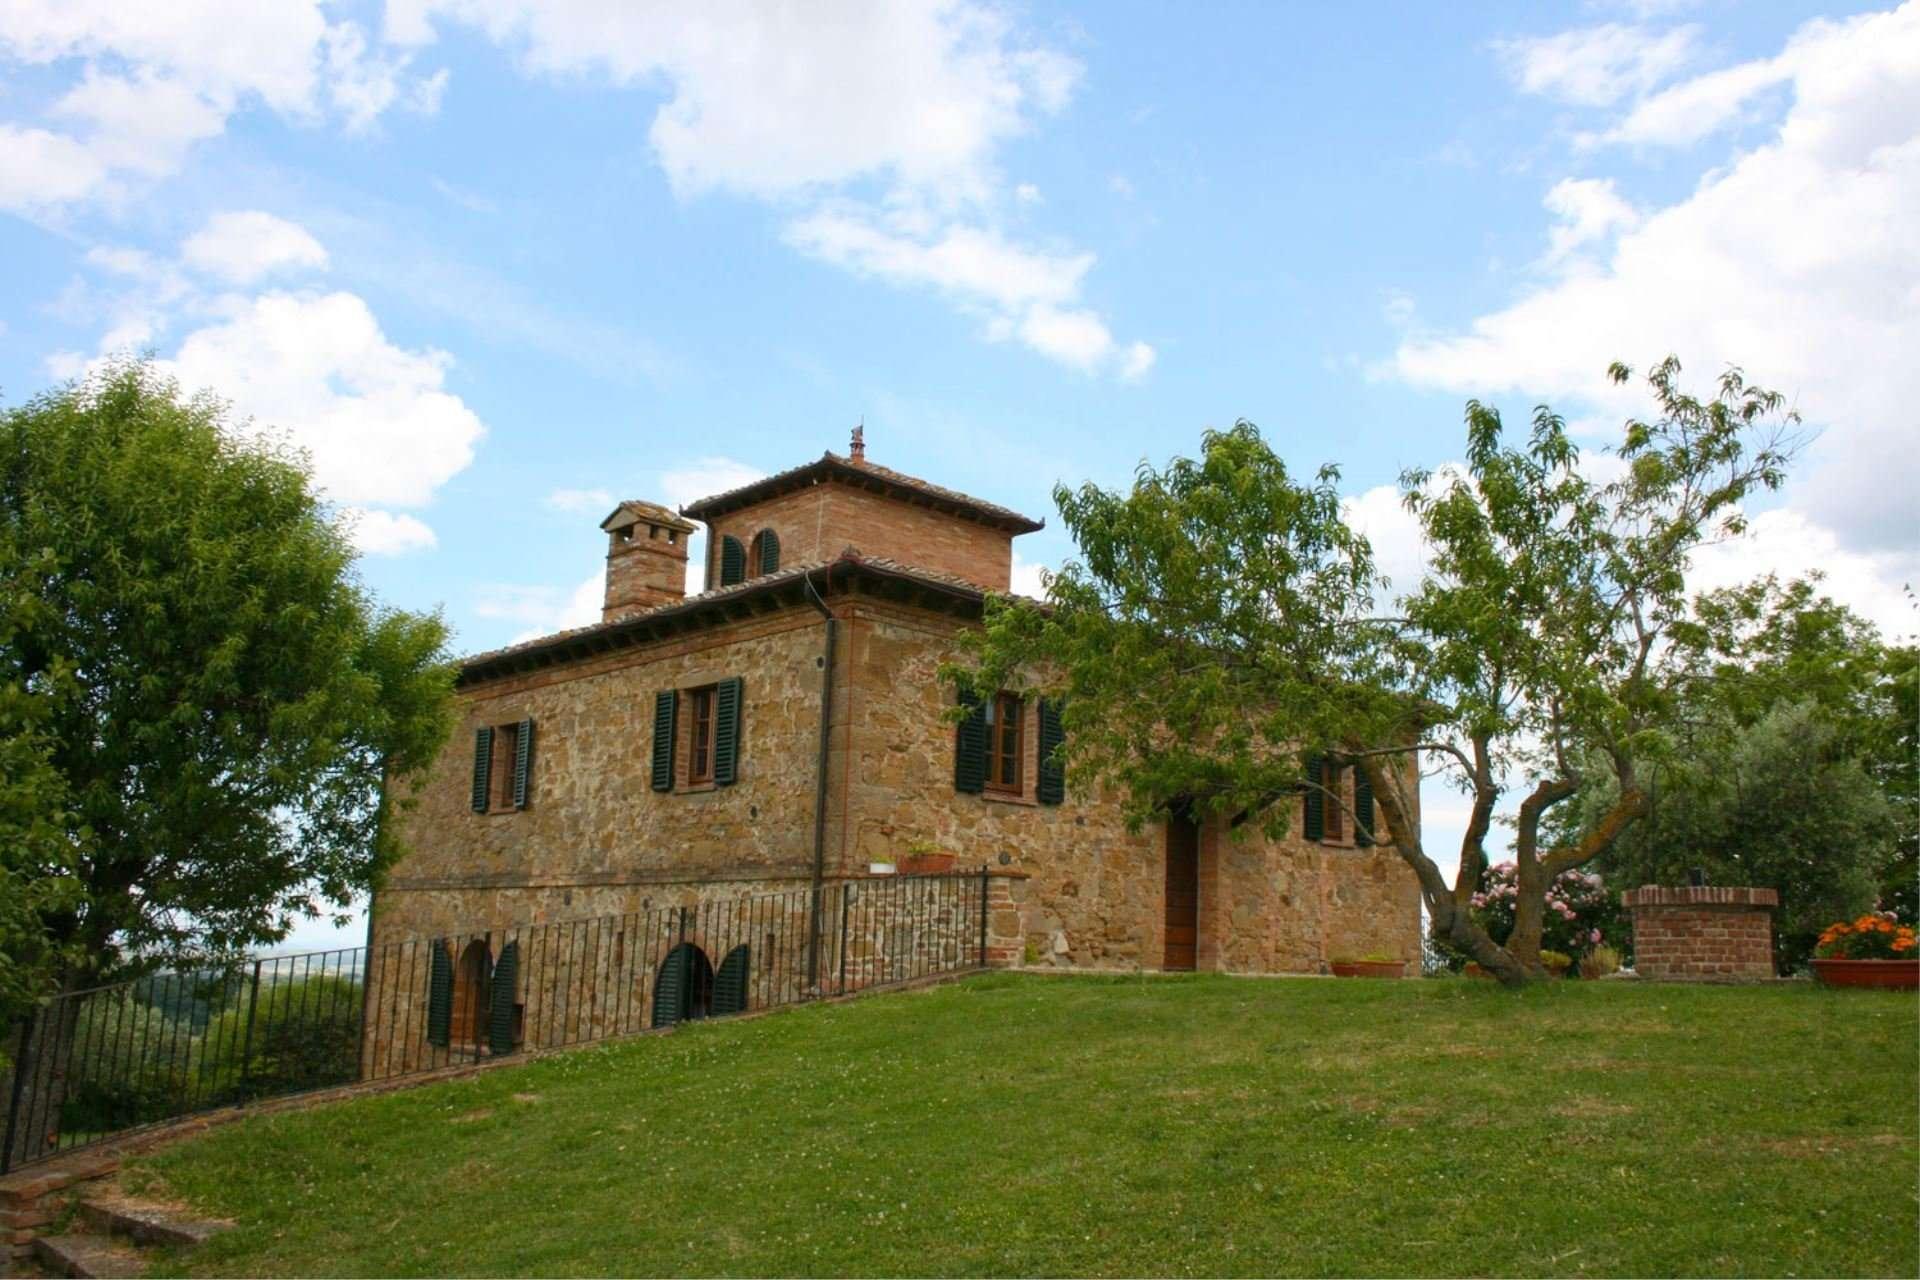 poggiarone - buitenkant huis met grasveld